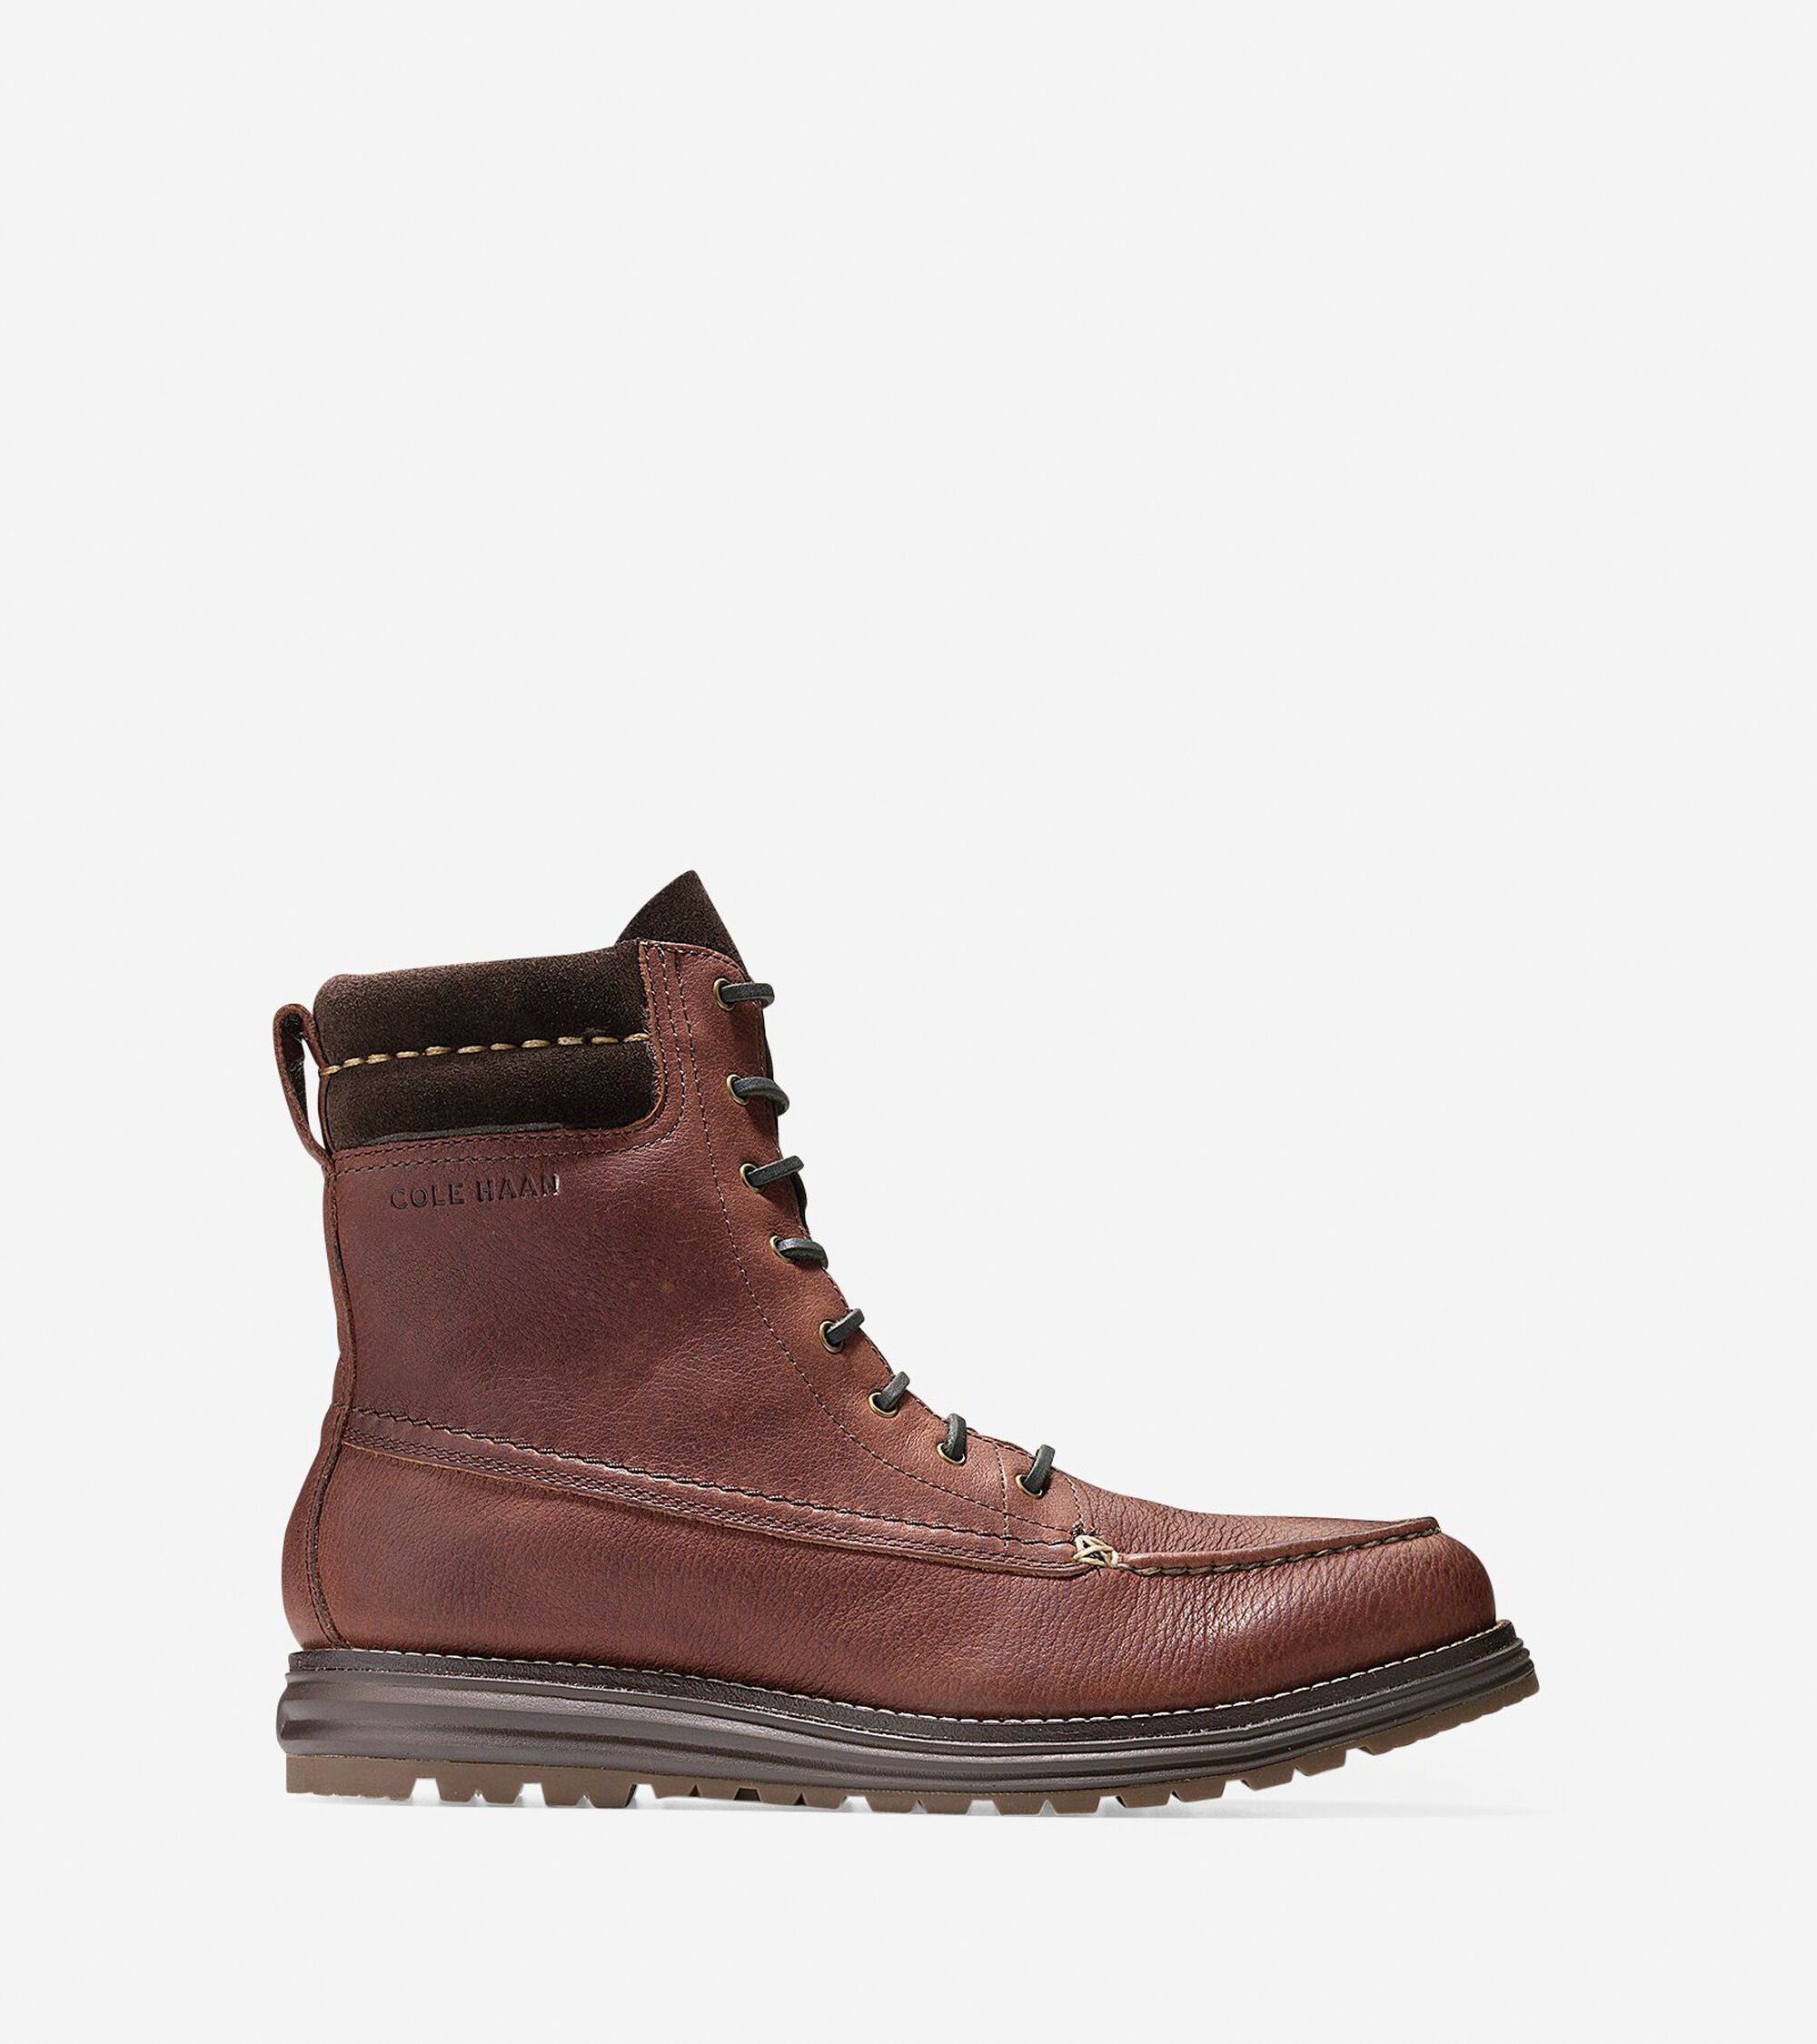 1a35d088637 Lockridge Waterproof Moc Toe Boots in Harvest Brown